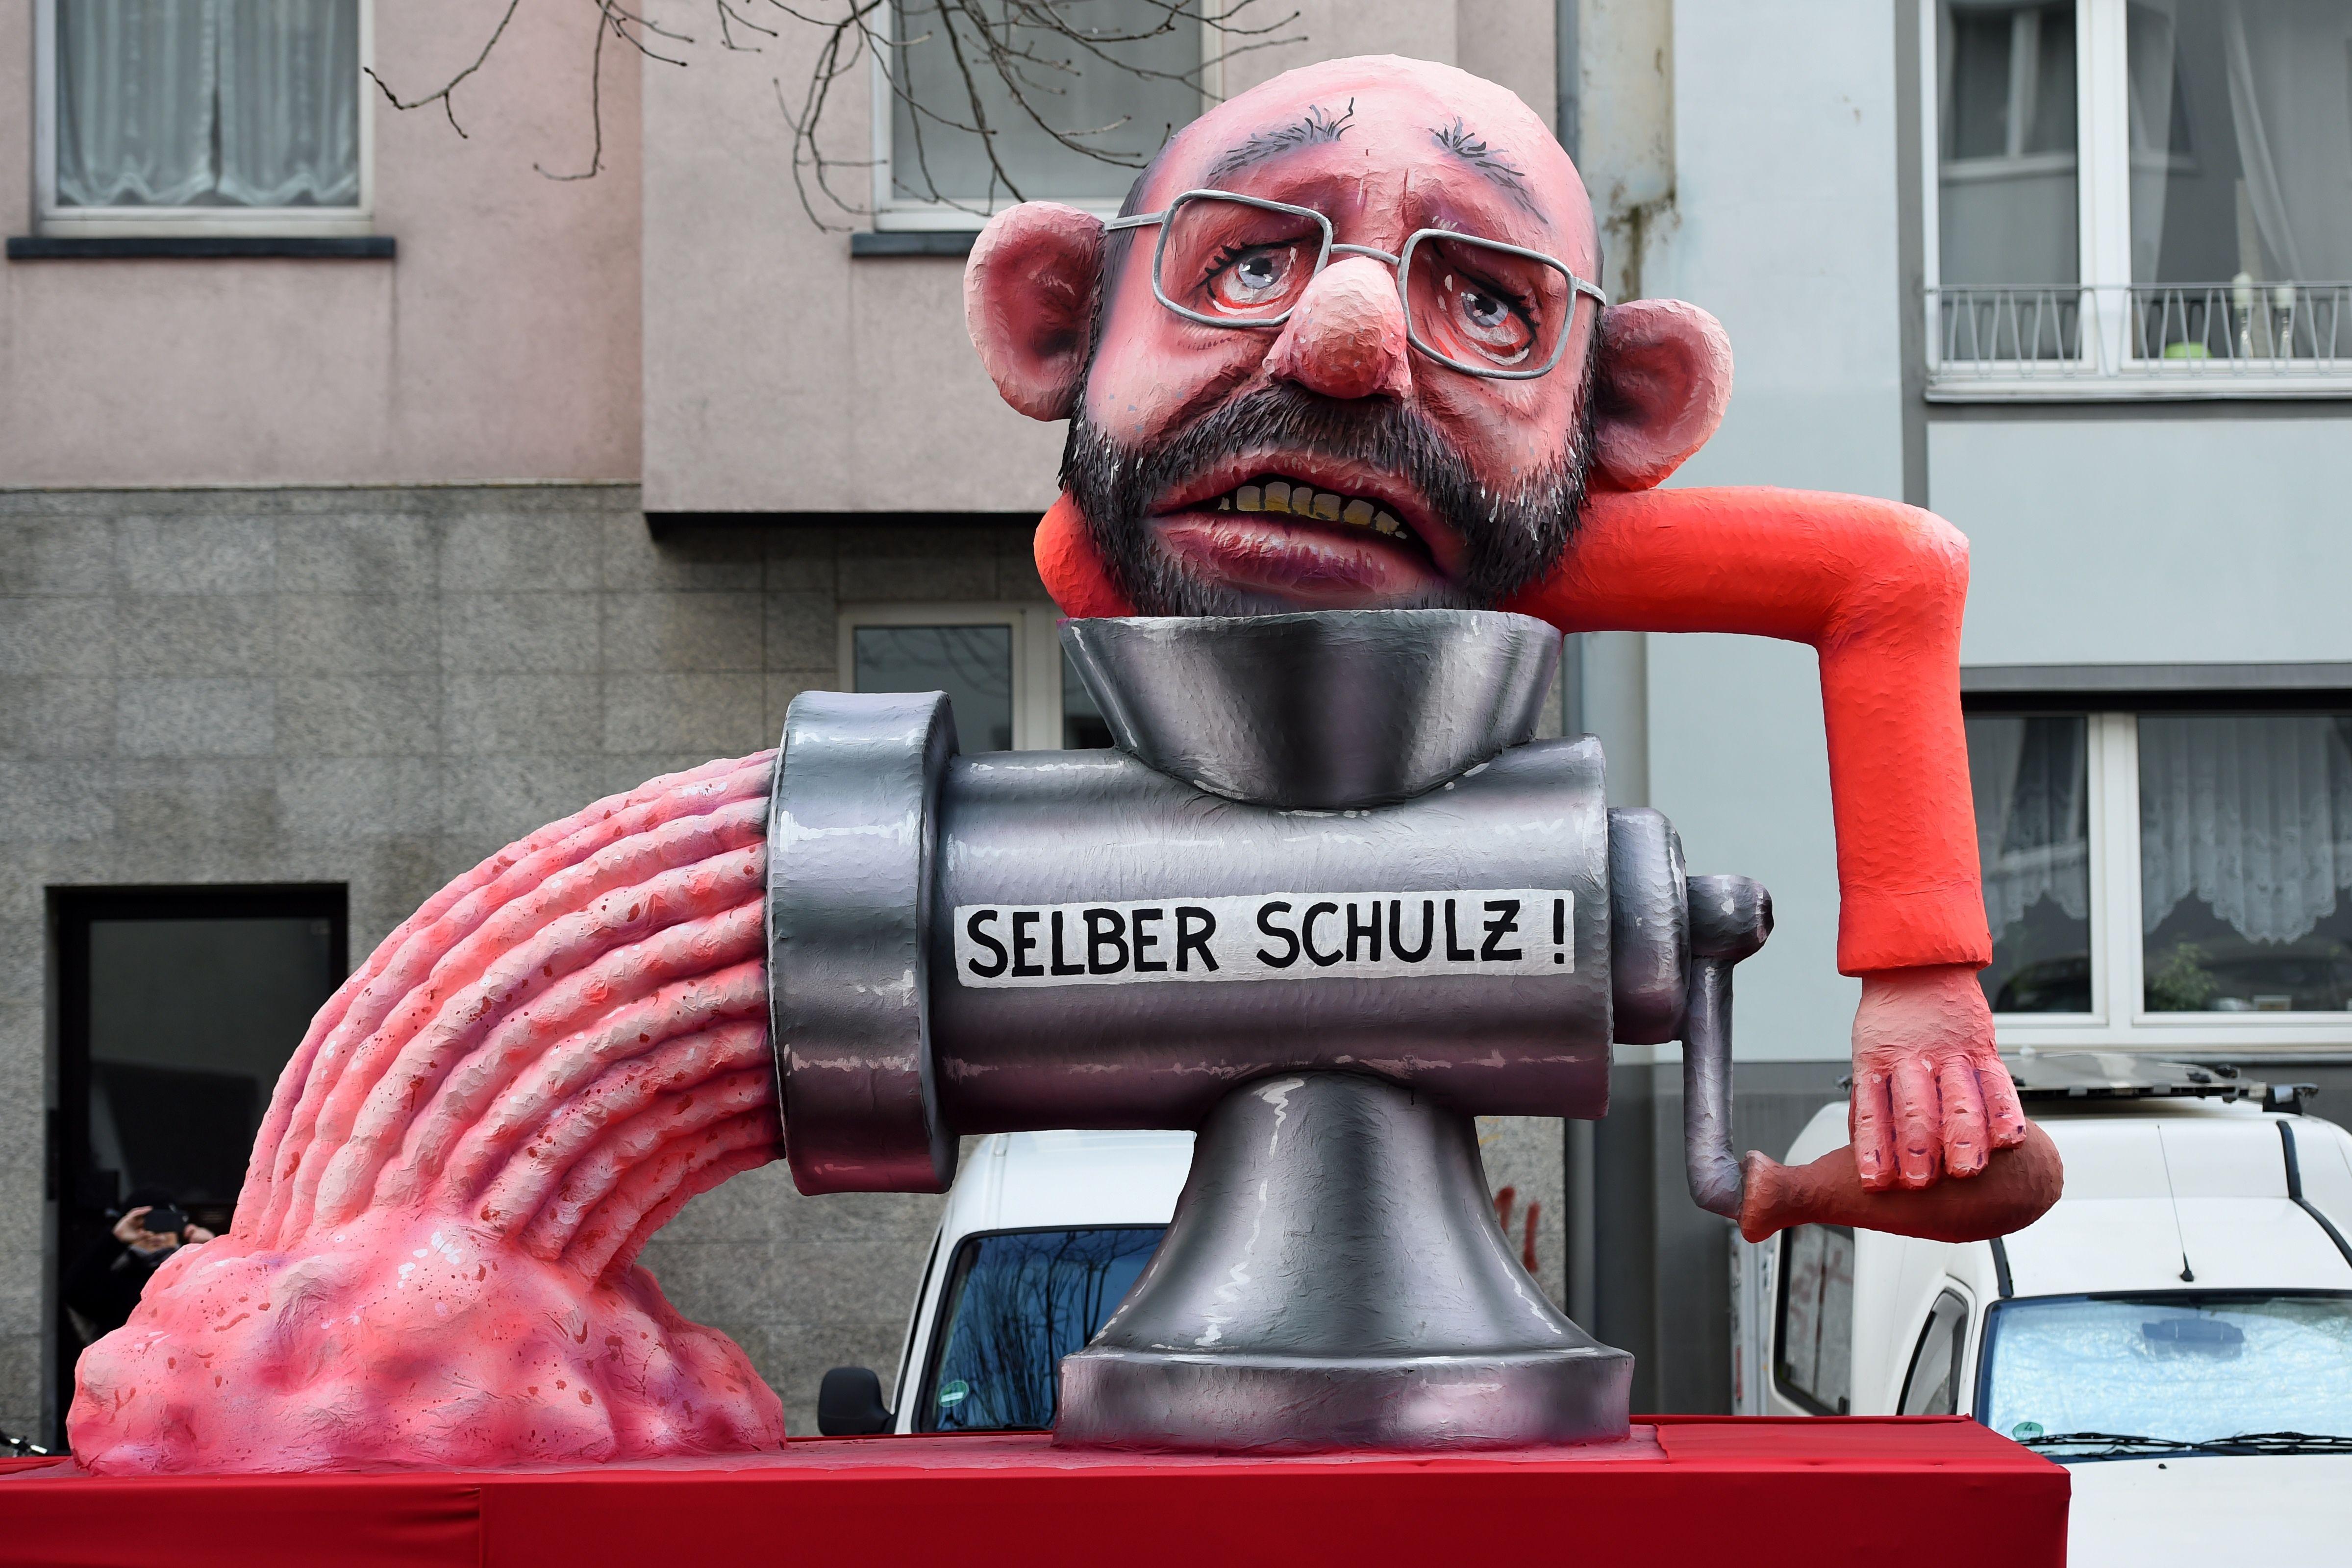 زعيم الحزب الديمقراطي الاشتراكي الألماني مارتن شولز